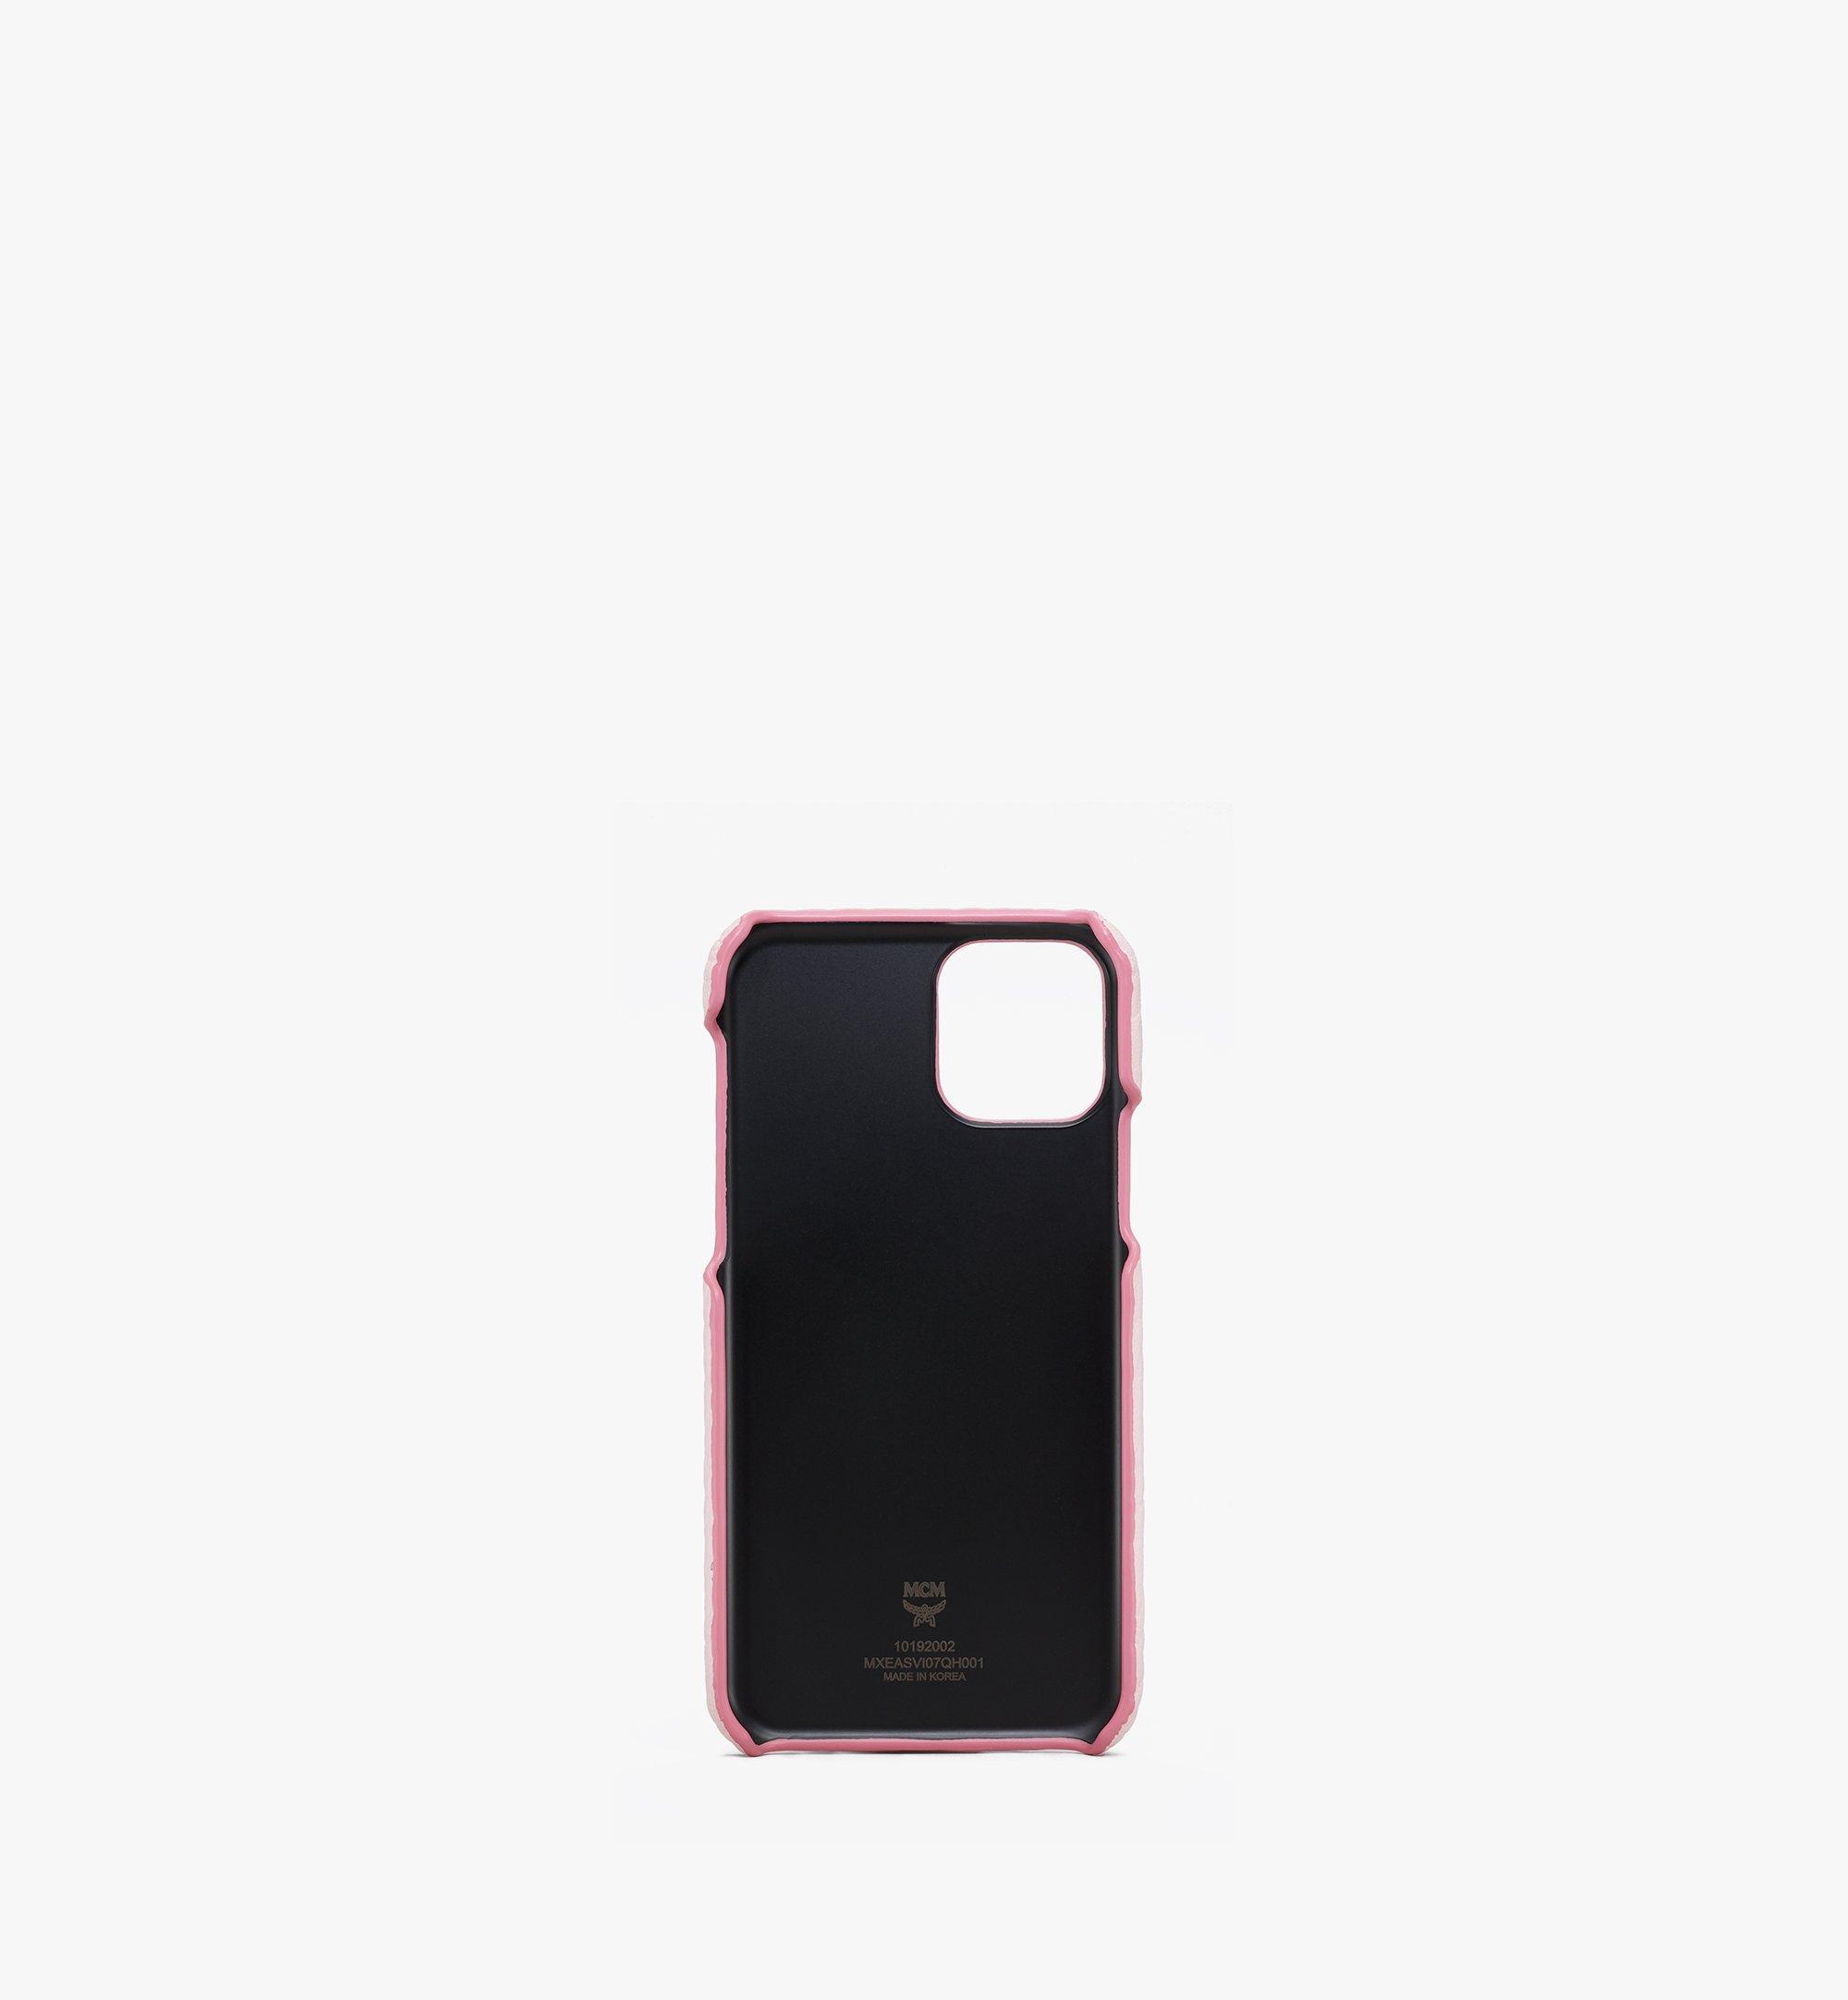 MCM iPhone 11 Pro Case in Visetos Pink MXEASVI07QH001 Alternate View 1